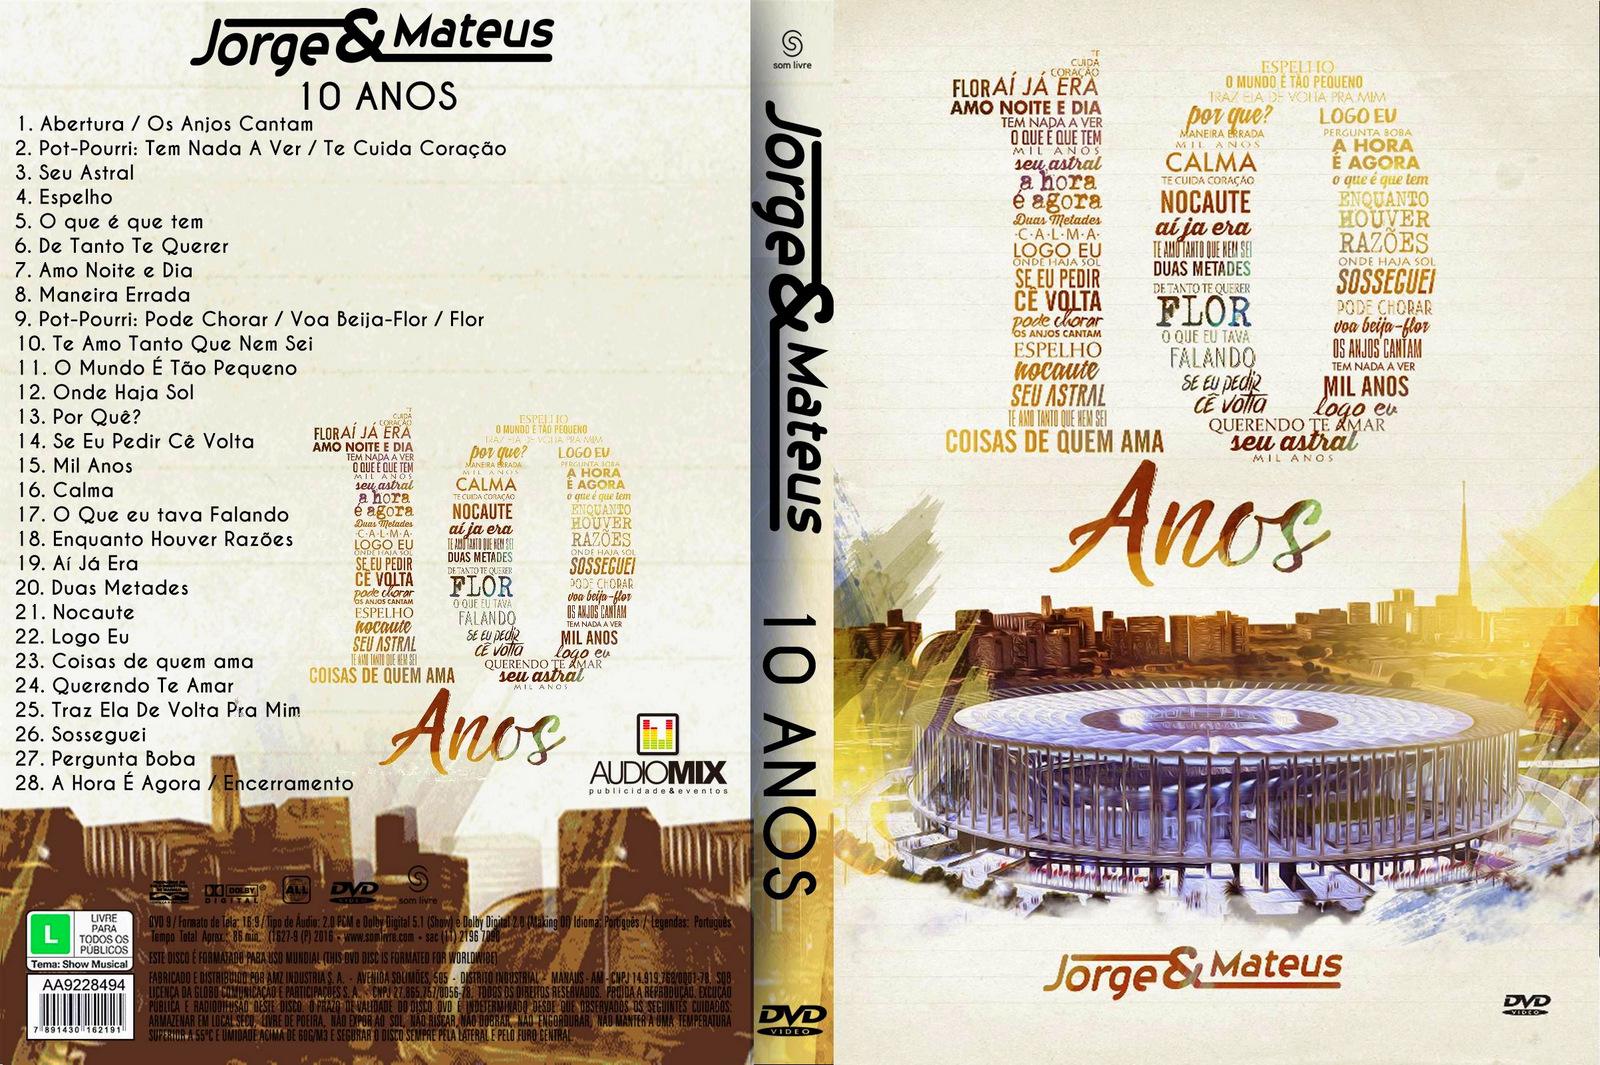 Download Jorge & Mateus 10 Anos Ao Vivo em Brasília DVD-R Jorge 2B 2526 2BMateus 2B  2B10 2BAnos 2BAo 2BVivo 2BXANDAODOWNLOAD